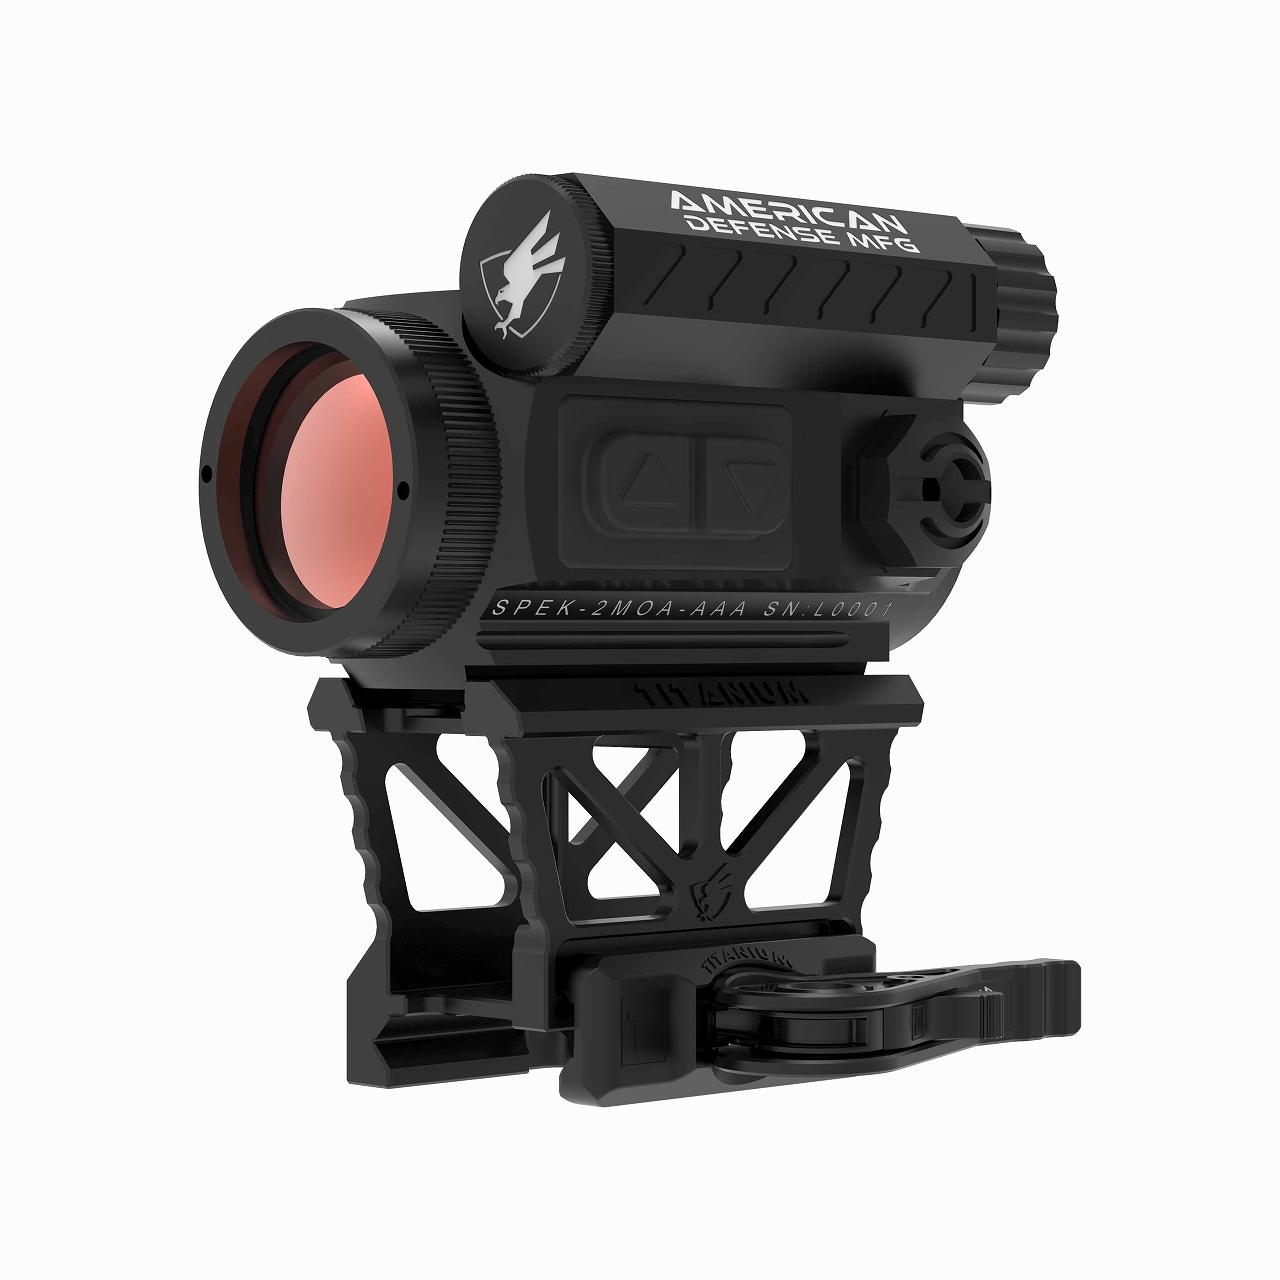 アメリカンディフェンス ドットサイト + T1 Lower 1/3 Co-witness チタンマウント American Defense MFG Red dot with T1 low mount with All Titanium mount